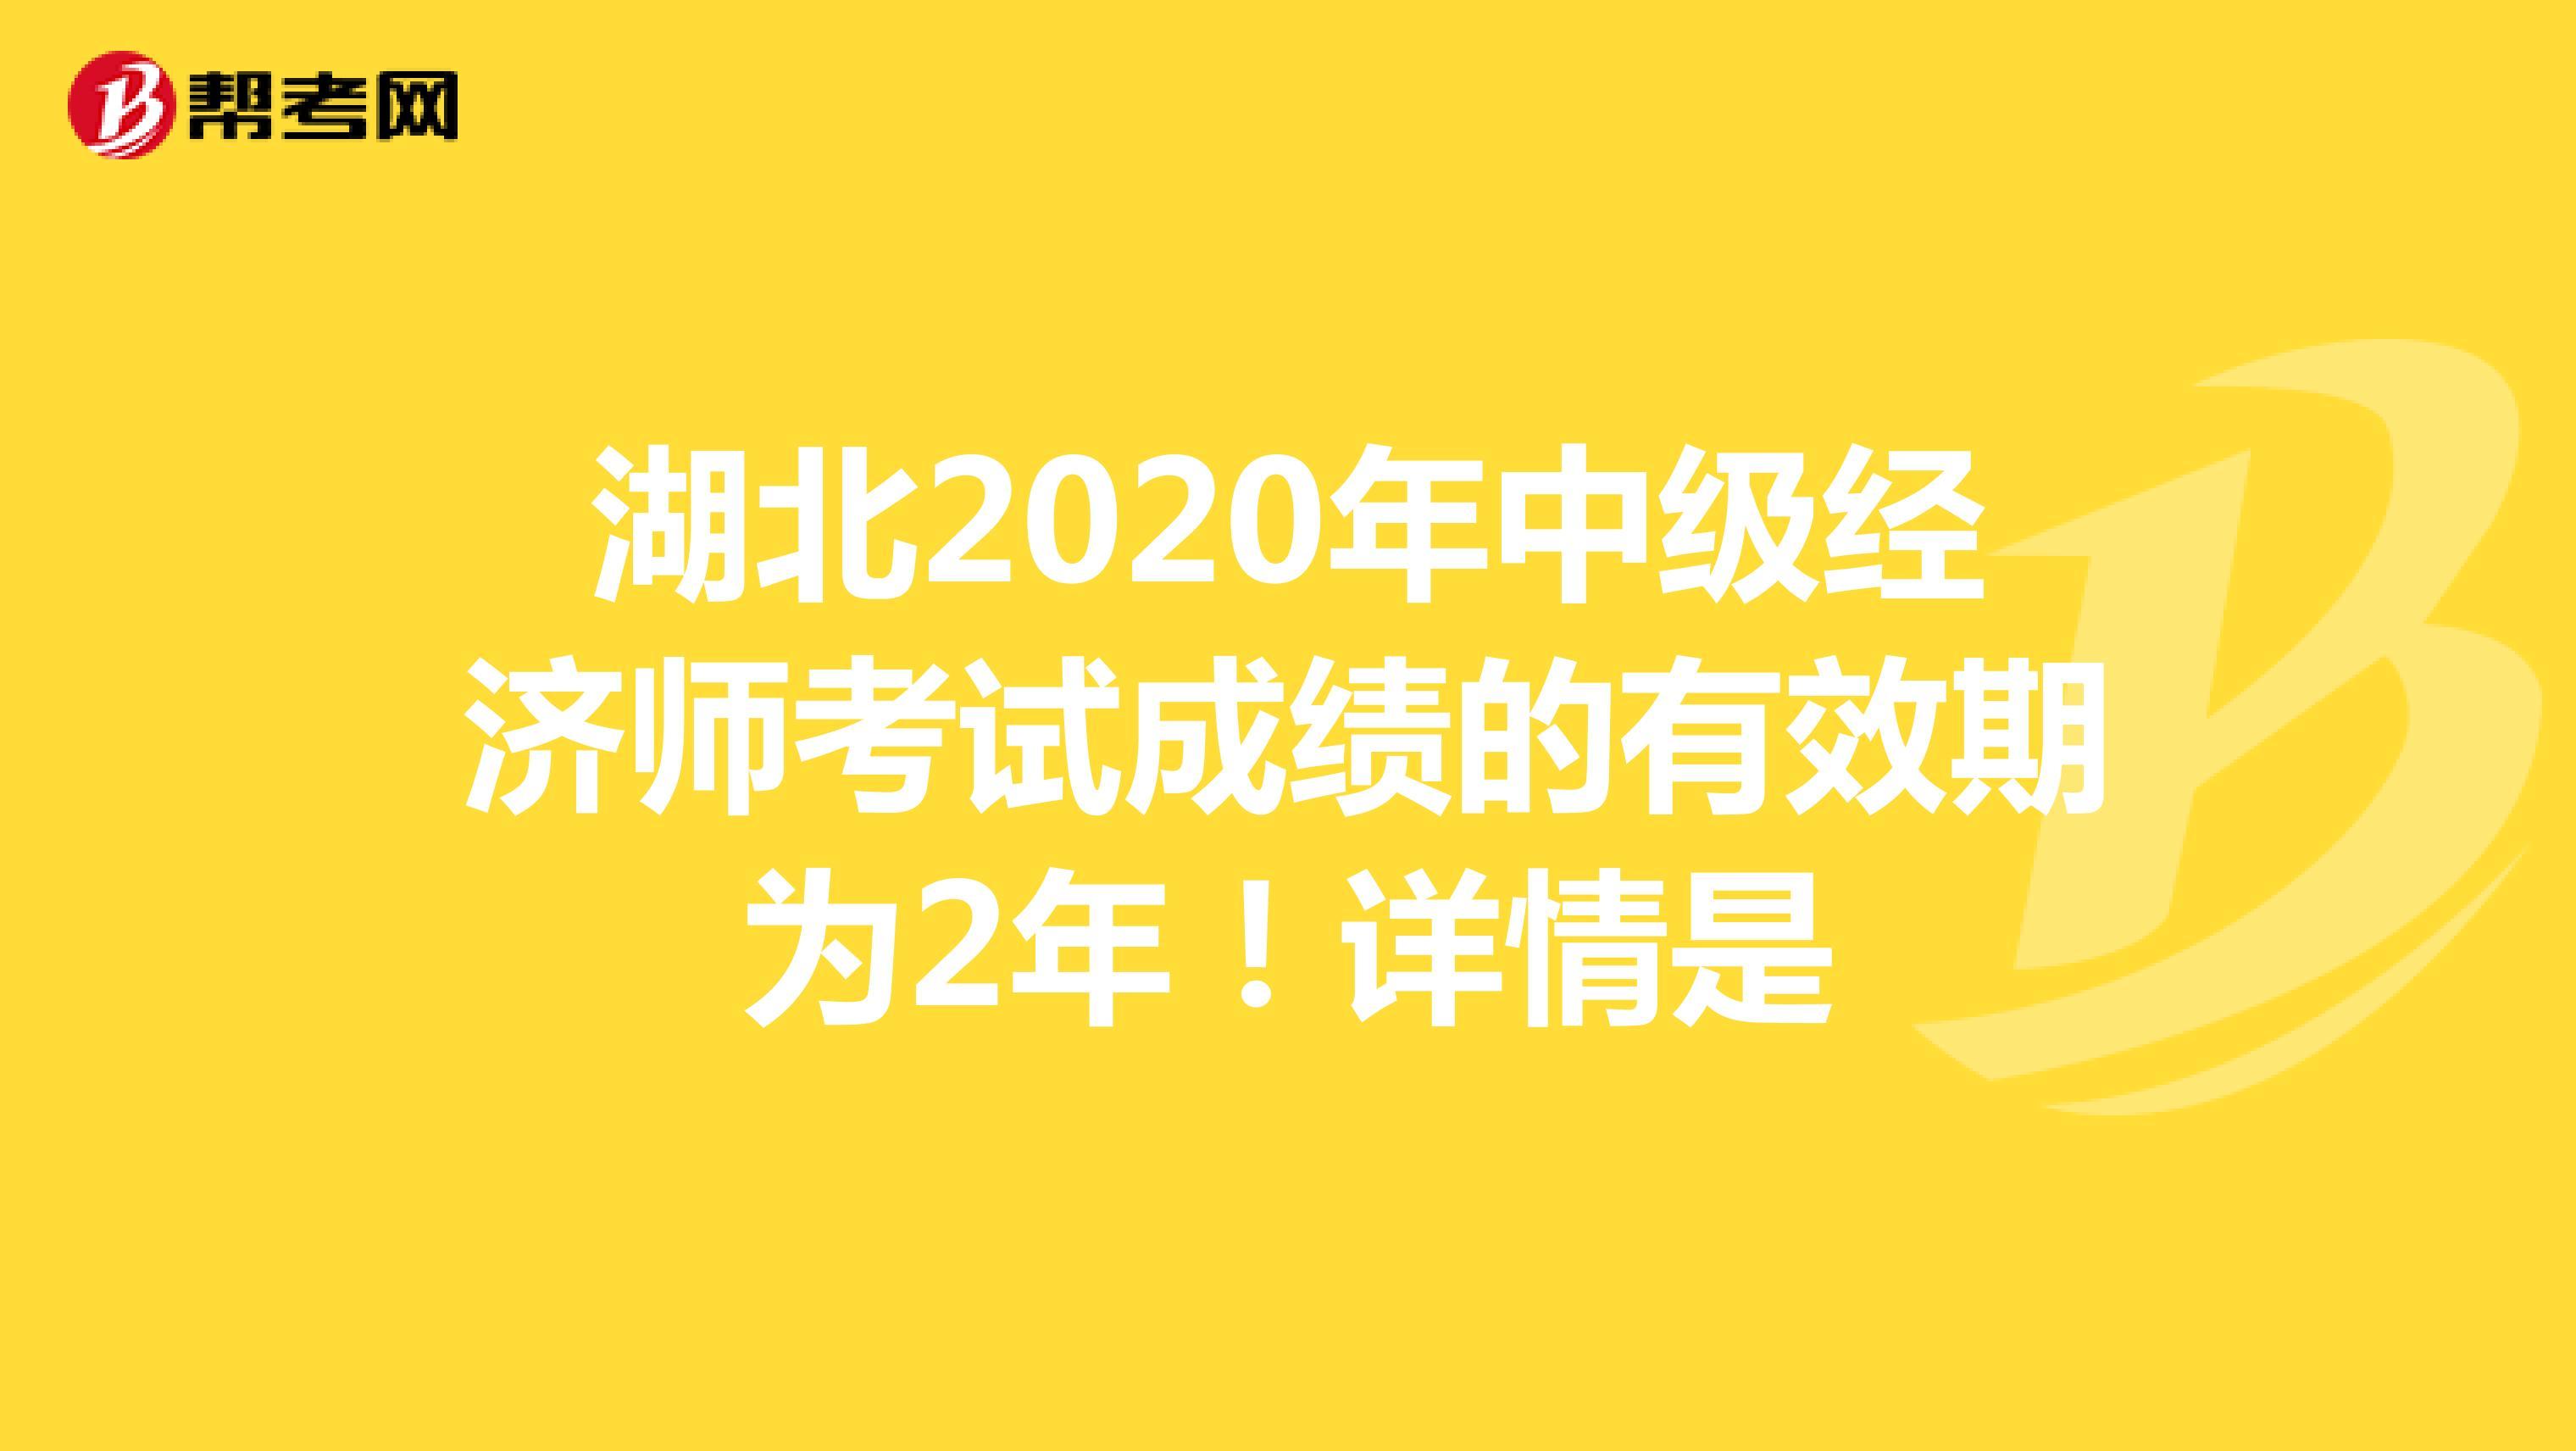 湖北2020年首页下载雷火电竞的有效期为2年!详情是